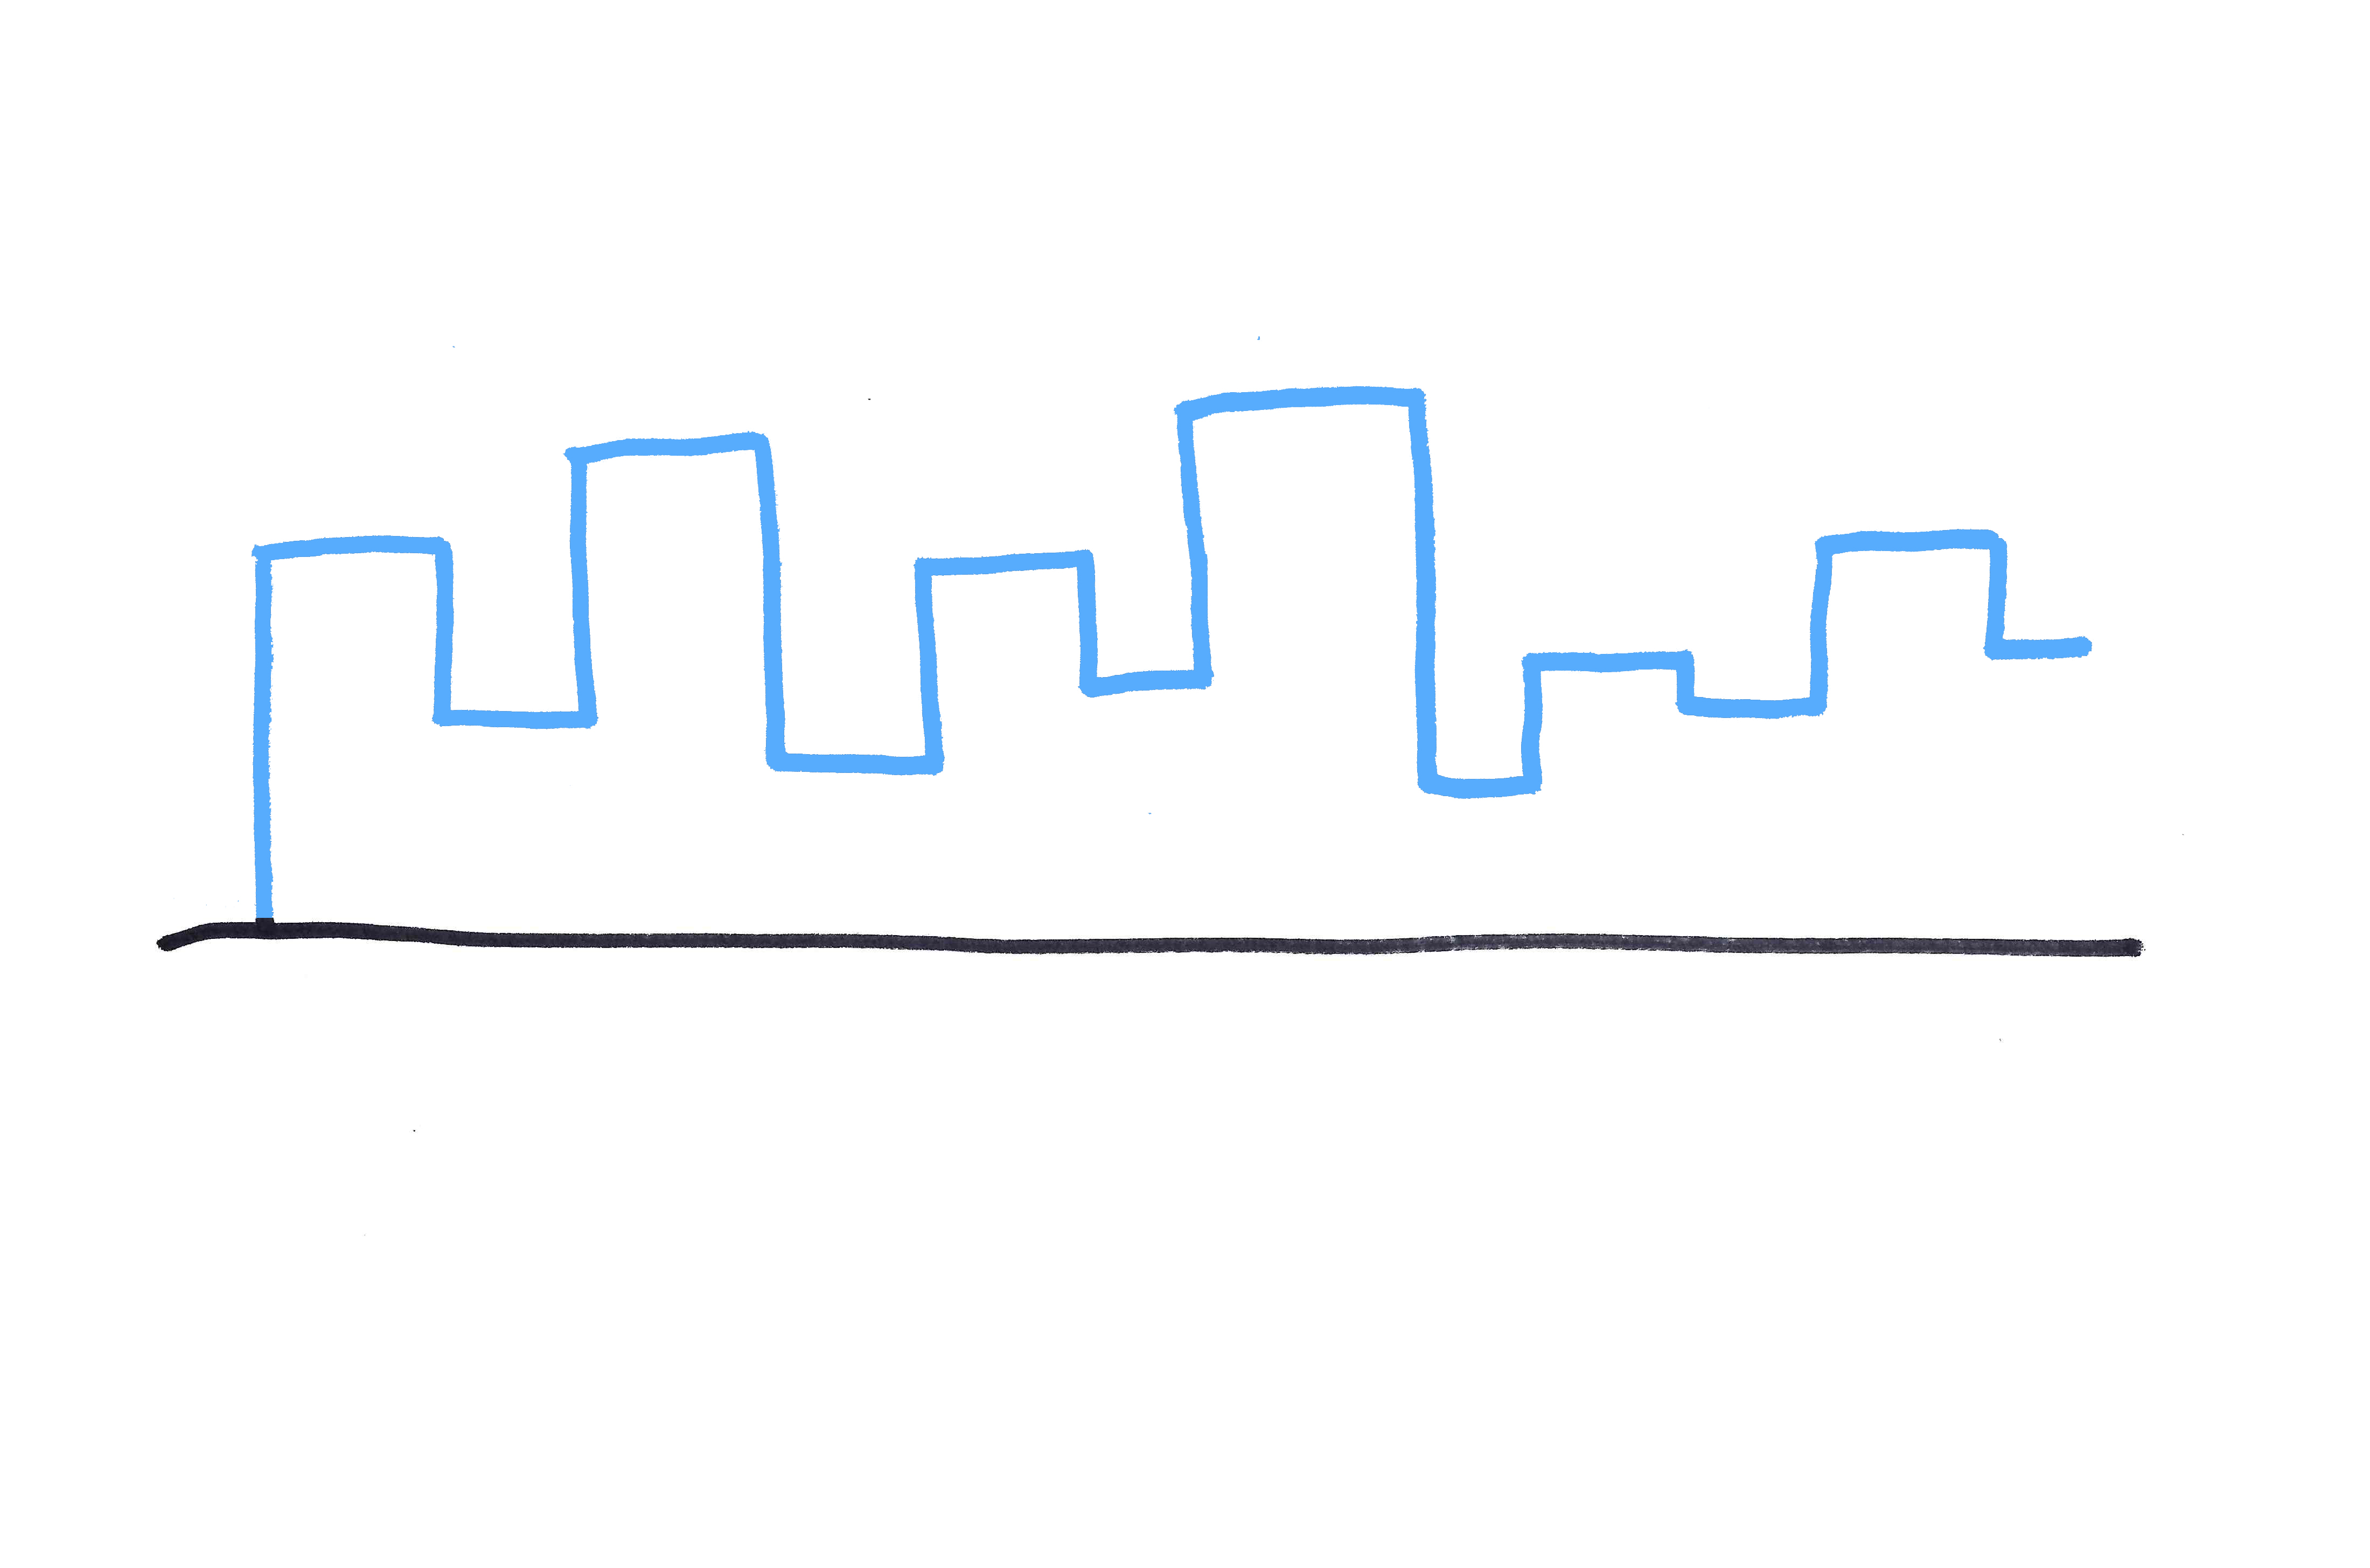 Drawn skyline simple Ways photo 3 Draw How